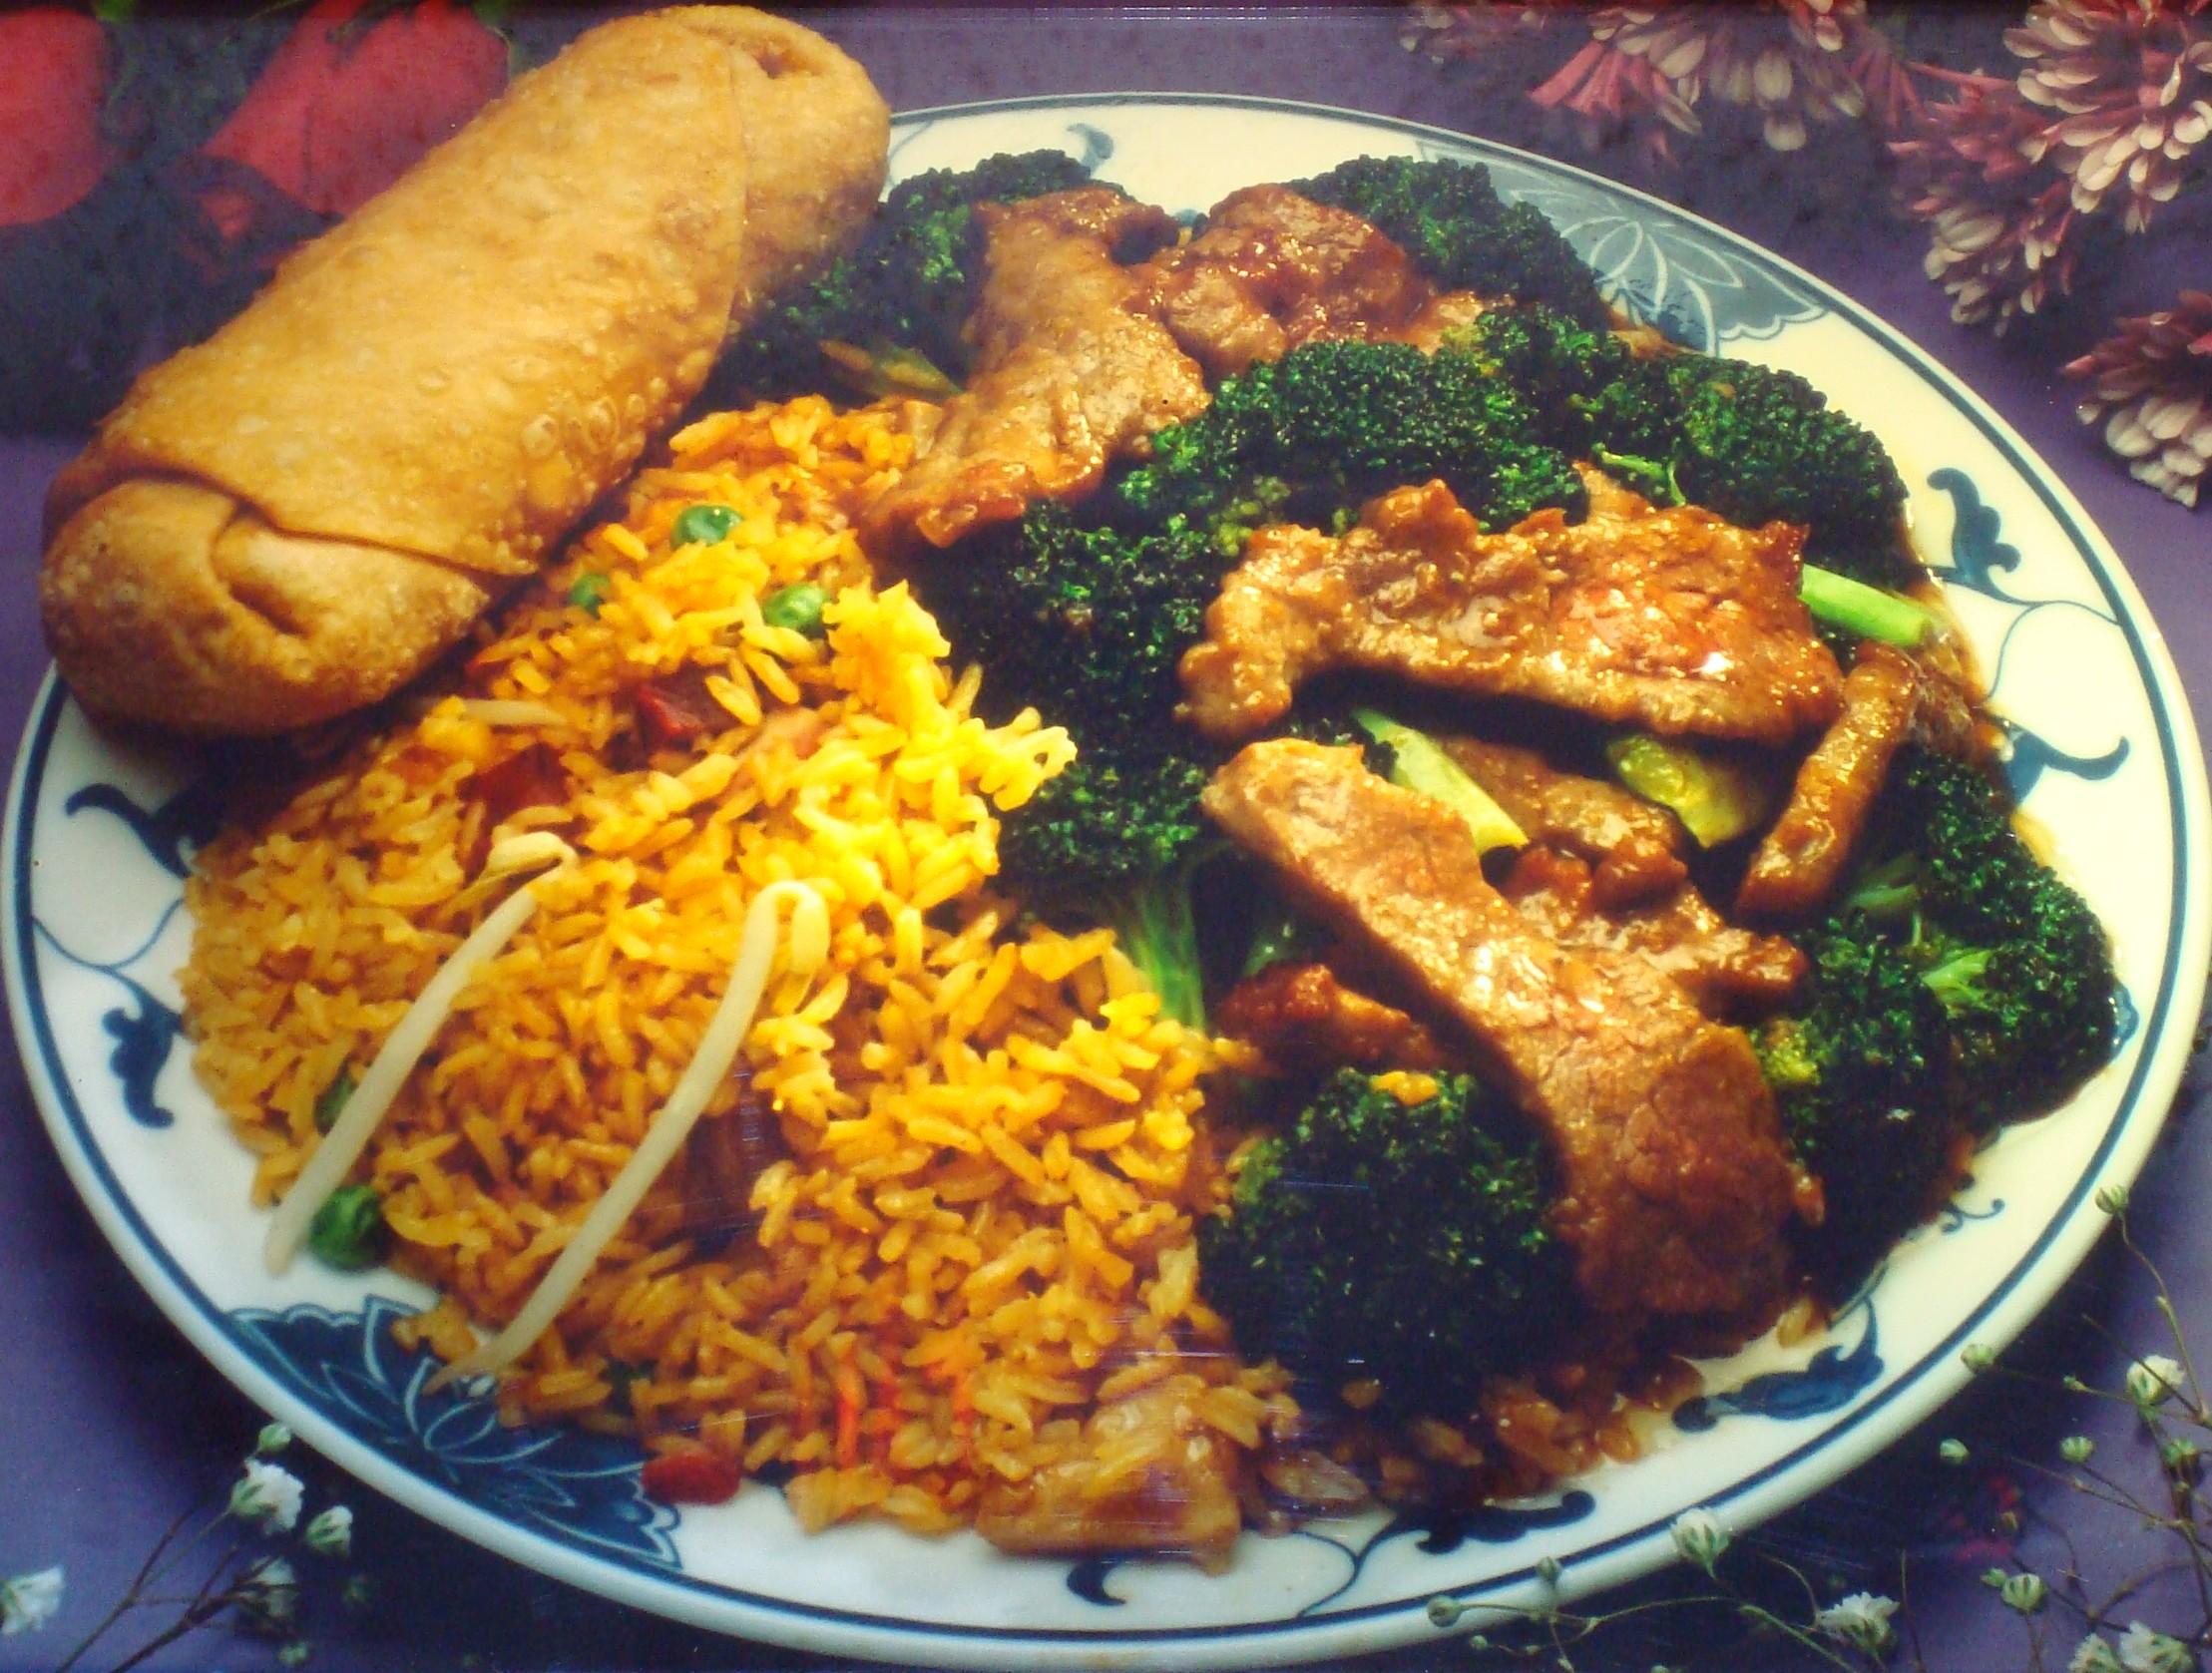 Chinese Food Buffet Methuen Ma